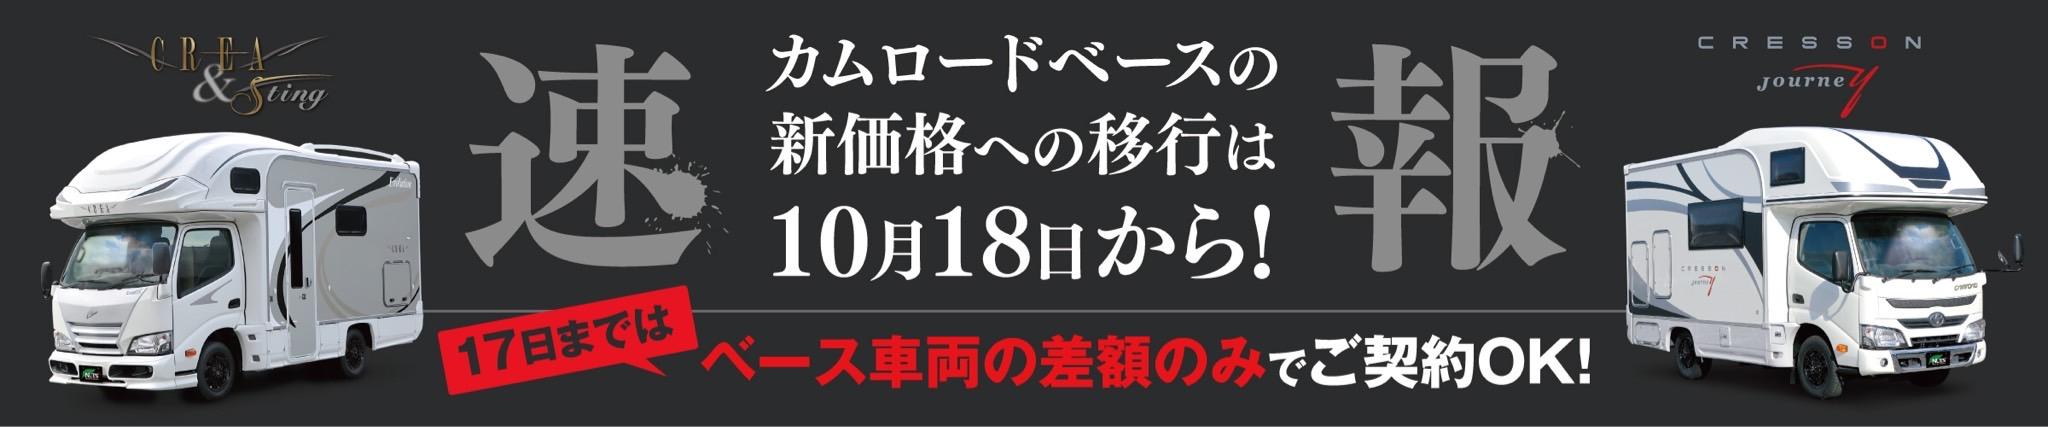 【速報】カムロードベースの新価格への移行は10月18日から!